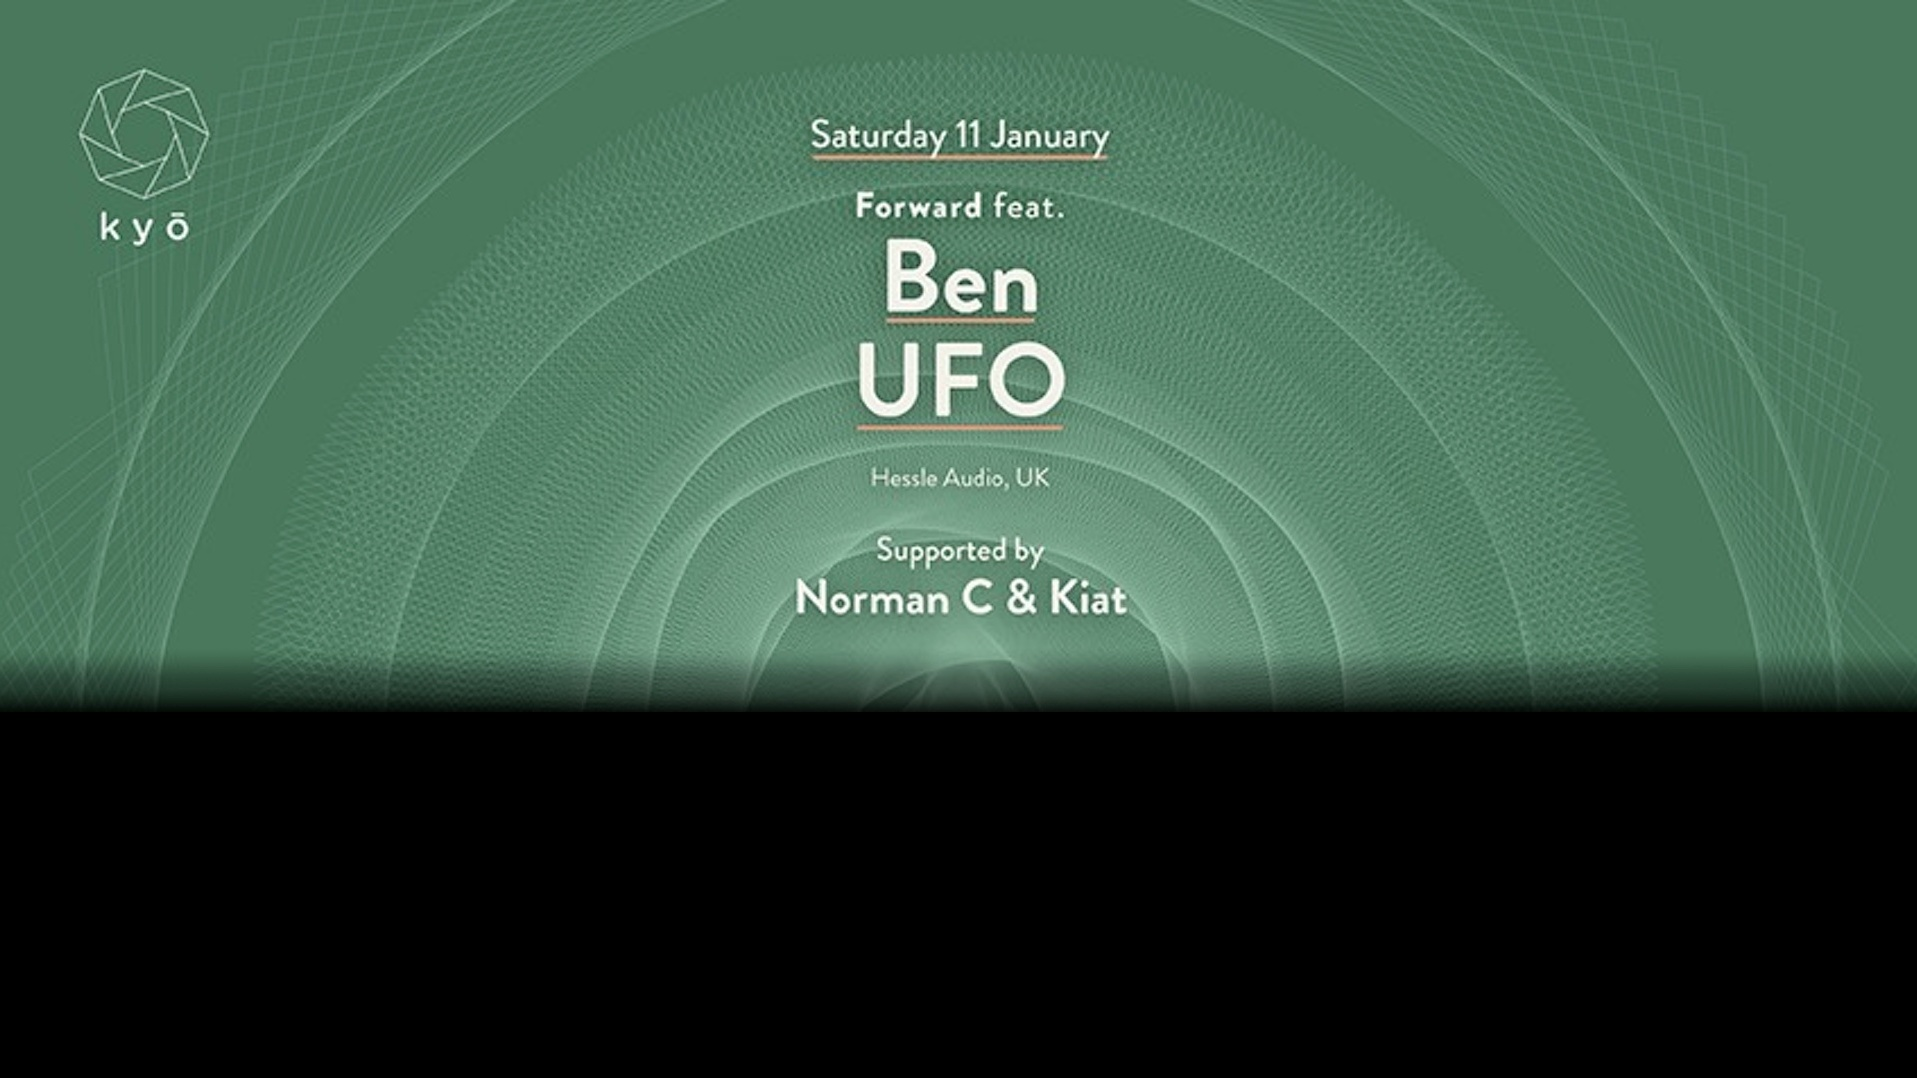 Forward ft. Ben UFO